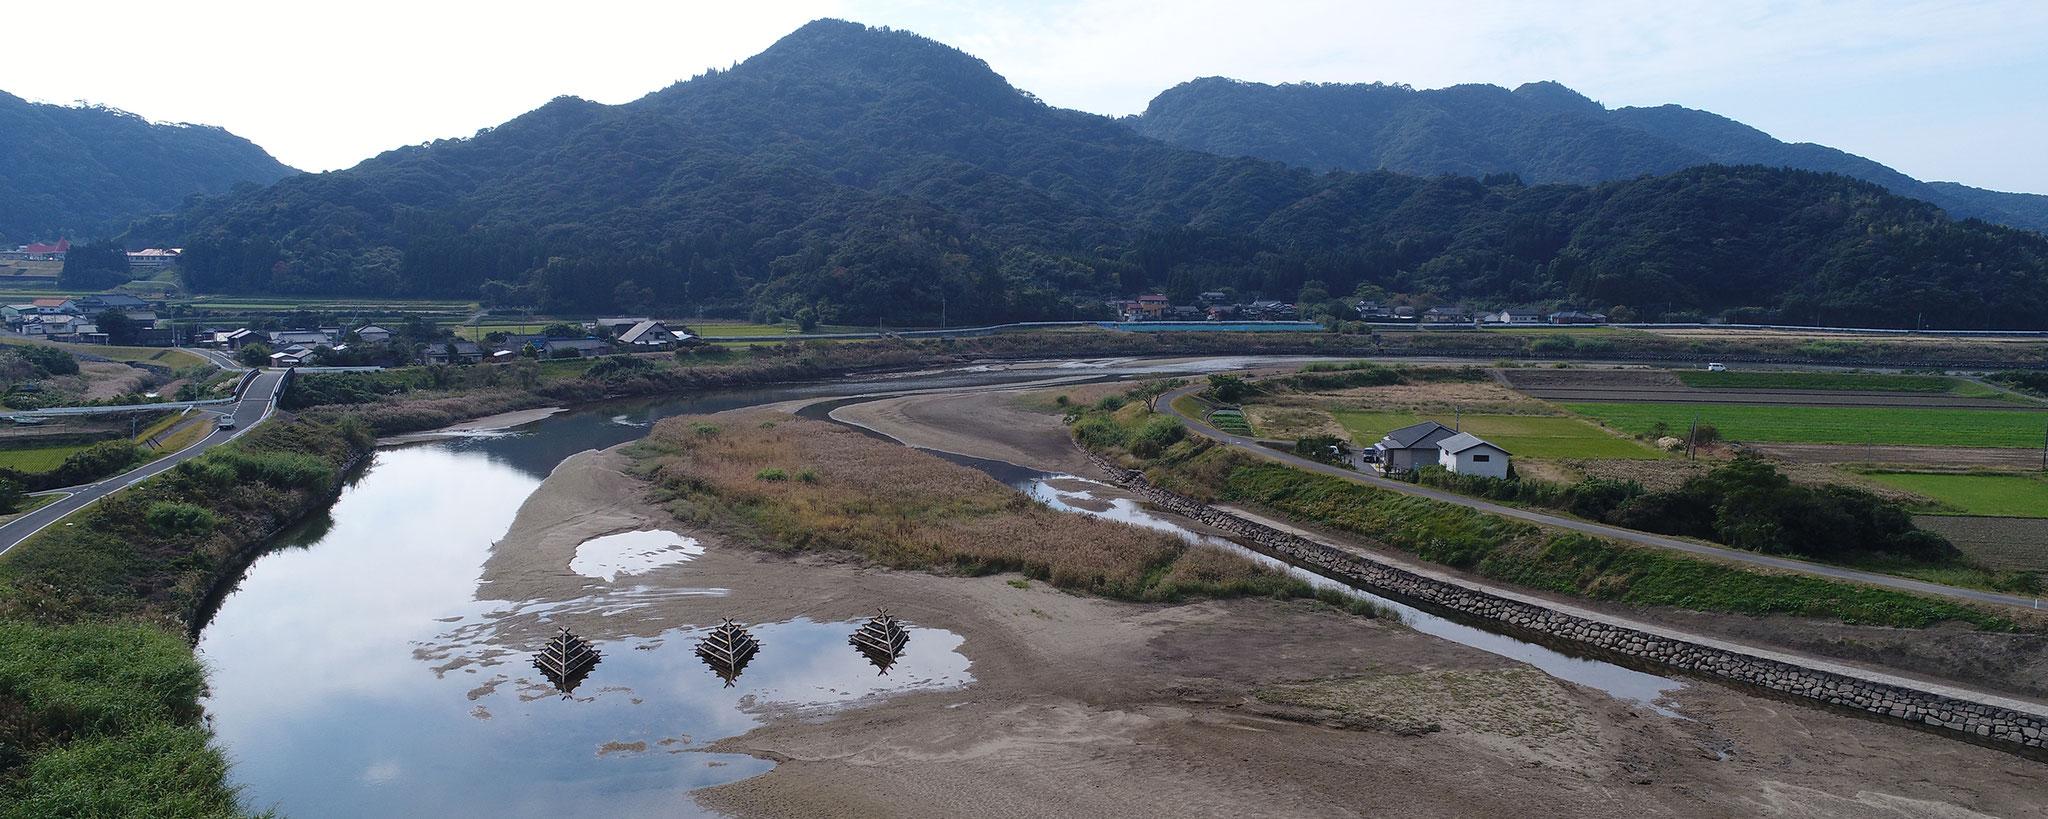 雄川のハイドロバリア水制工